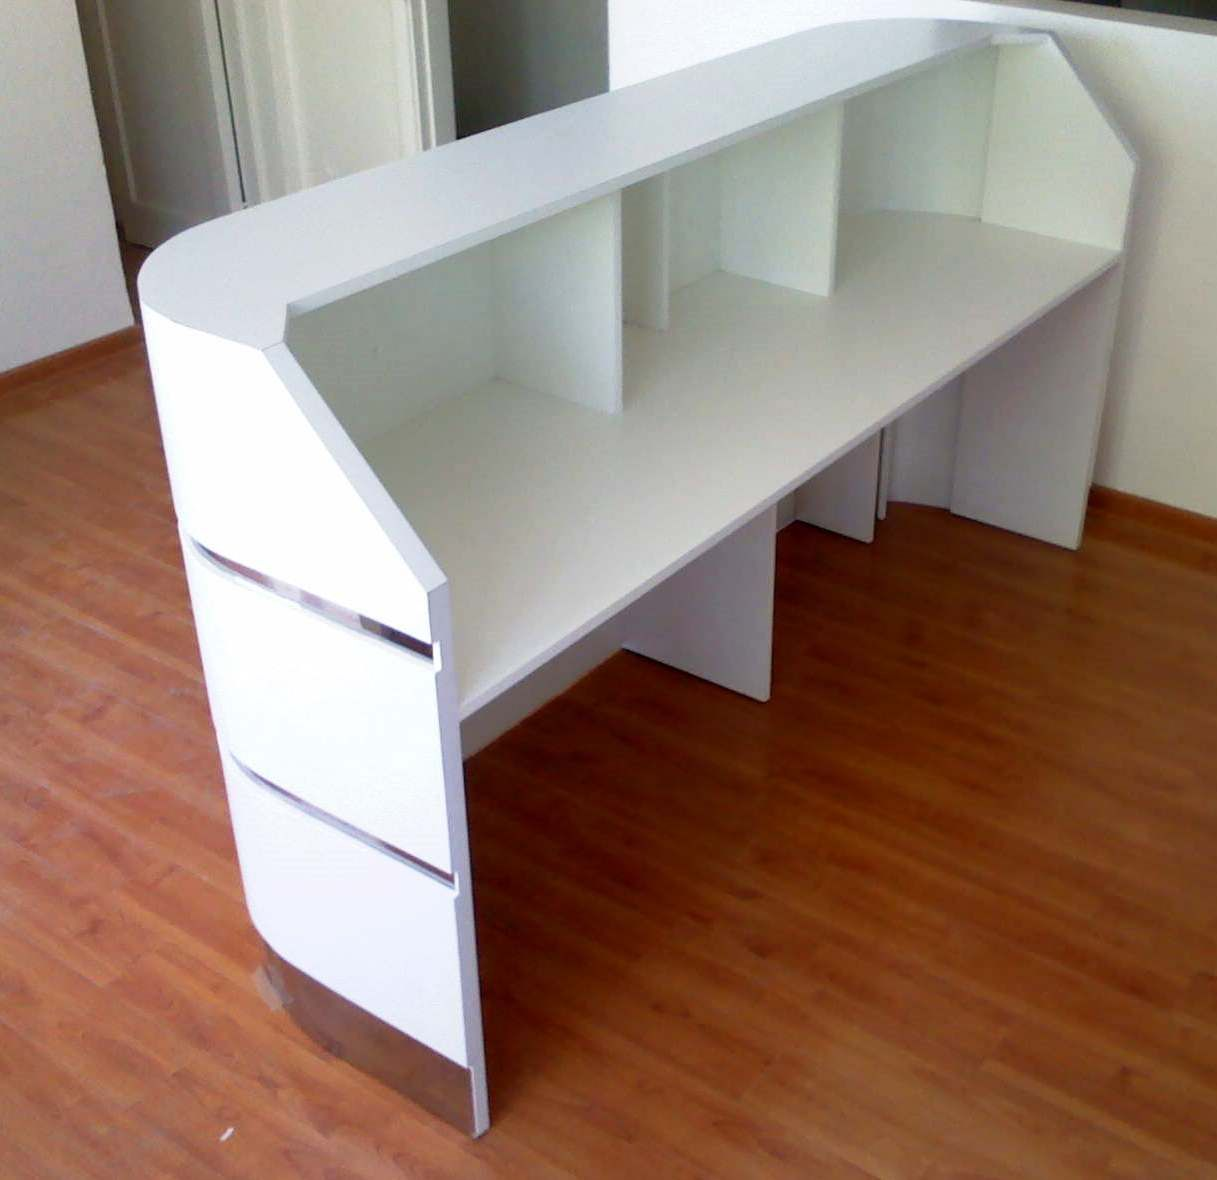 Muebles de recepciones y mesones de atencion para oficinas for Diseno de muebles de oficina modernos